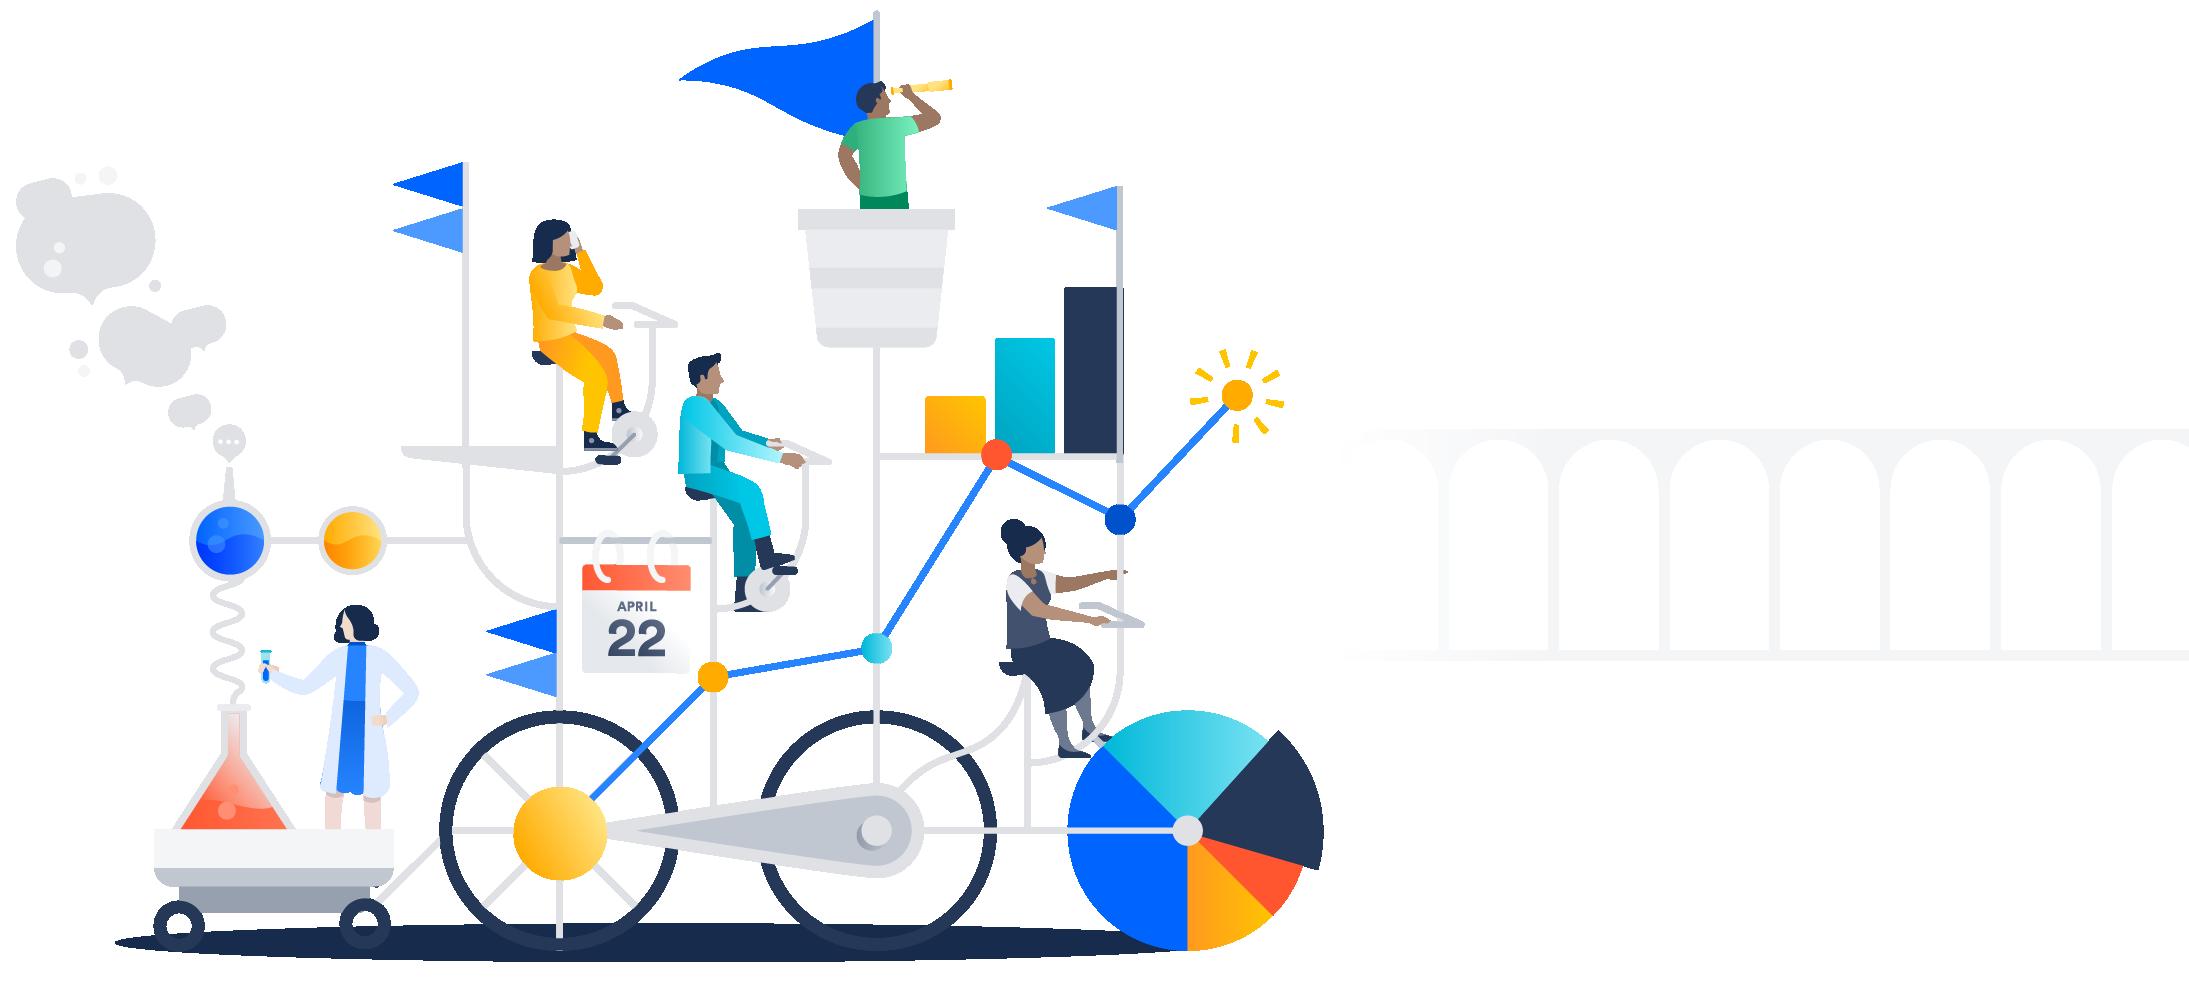 Abbildung: mehrere Personen auf einem filigranen Fahrrad